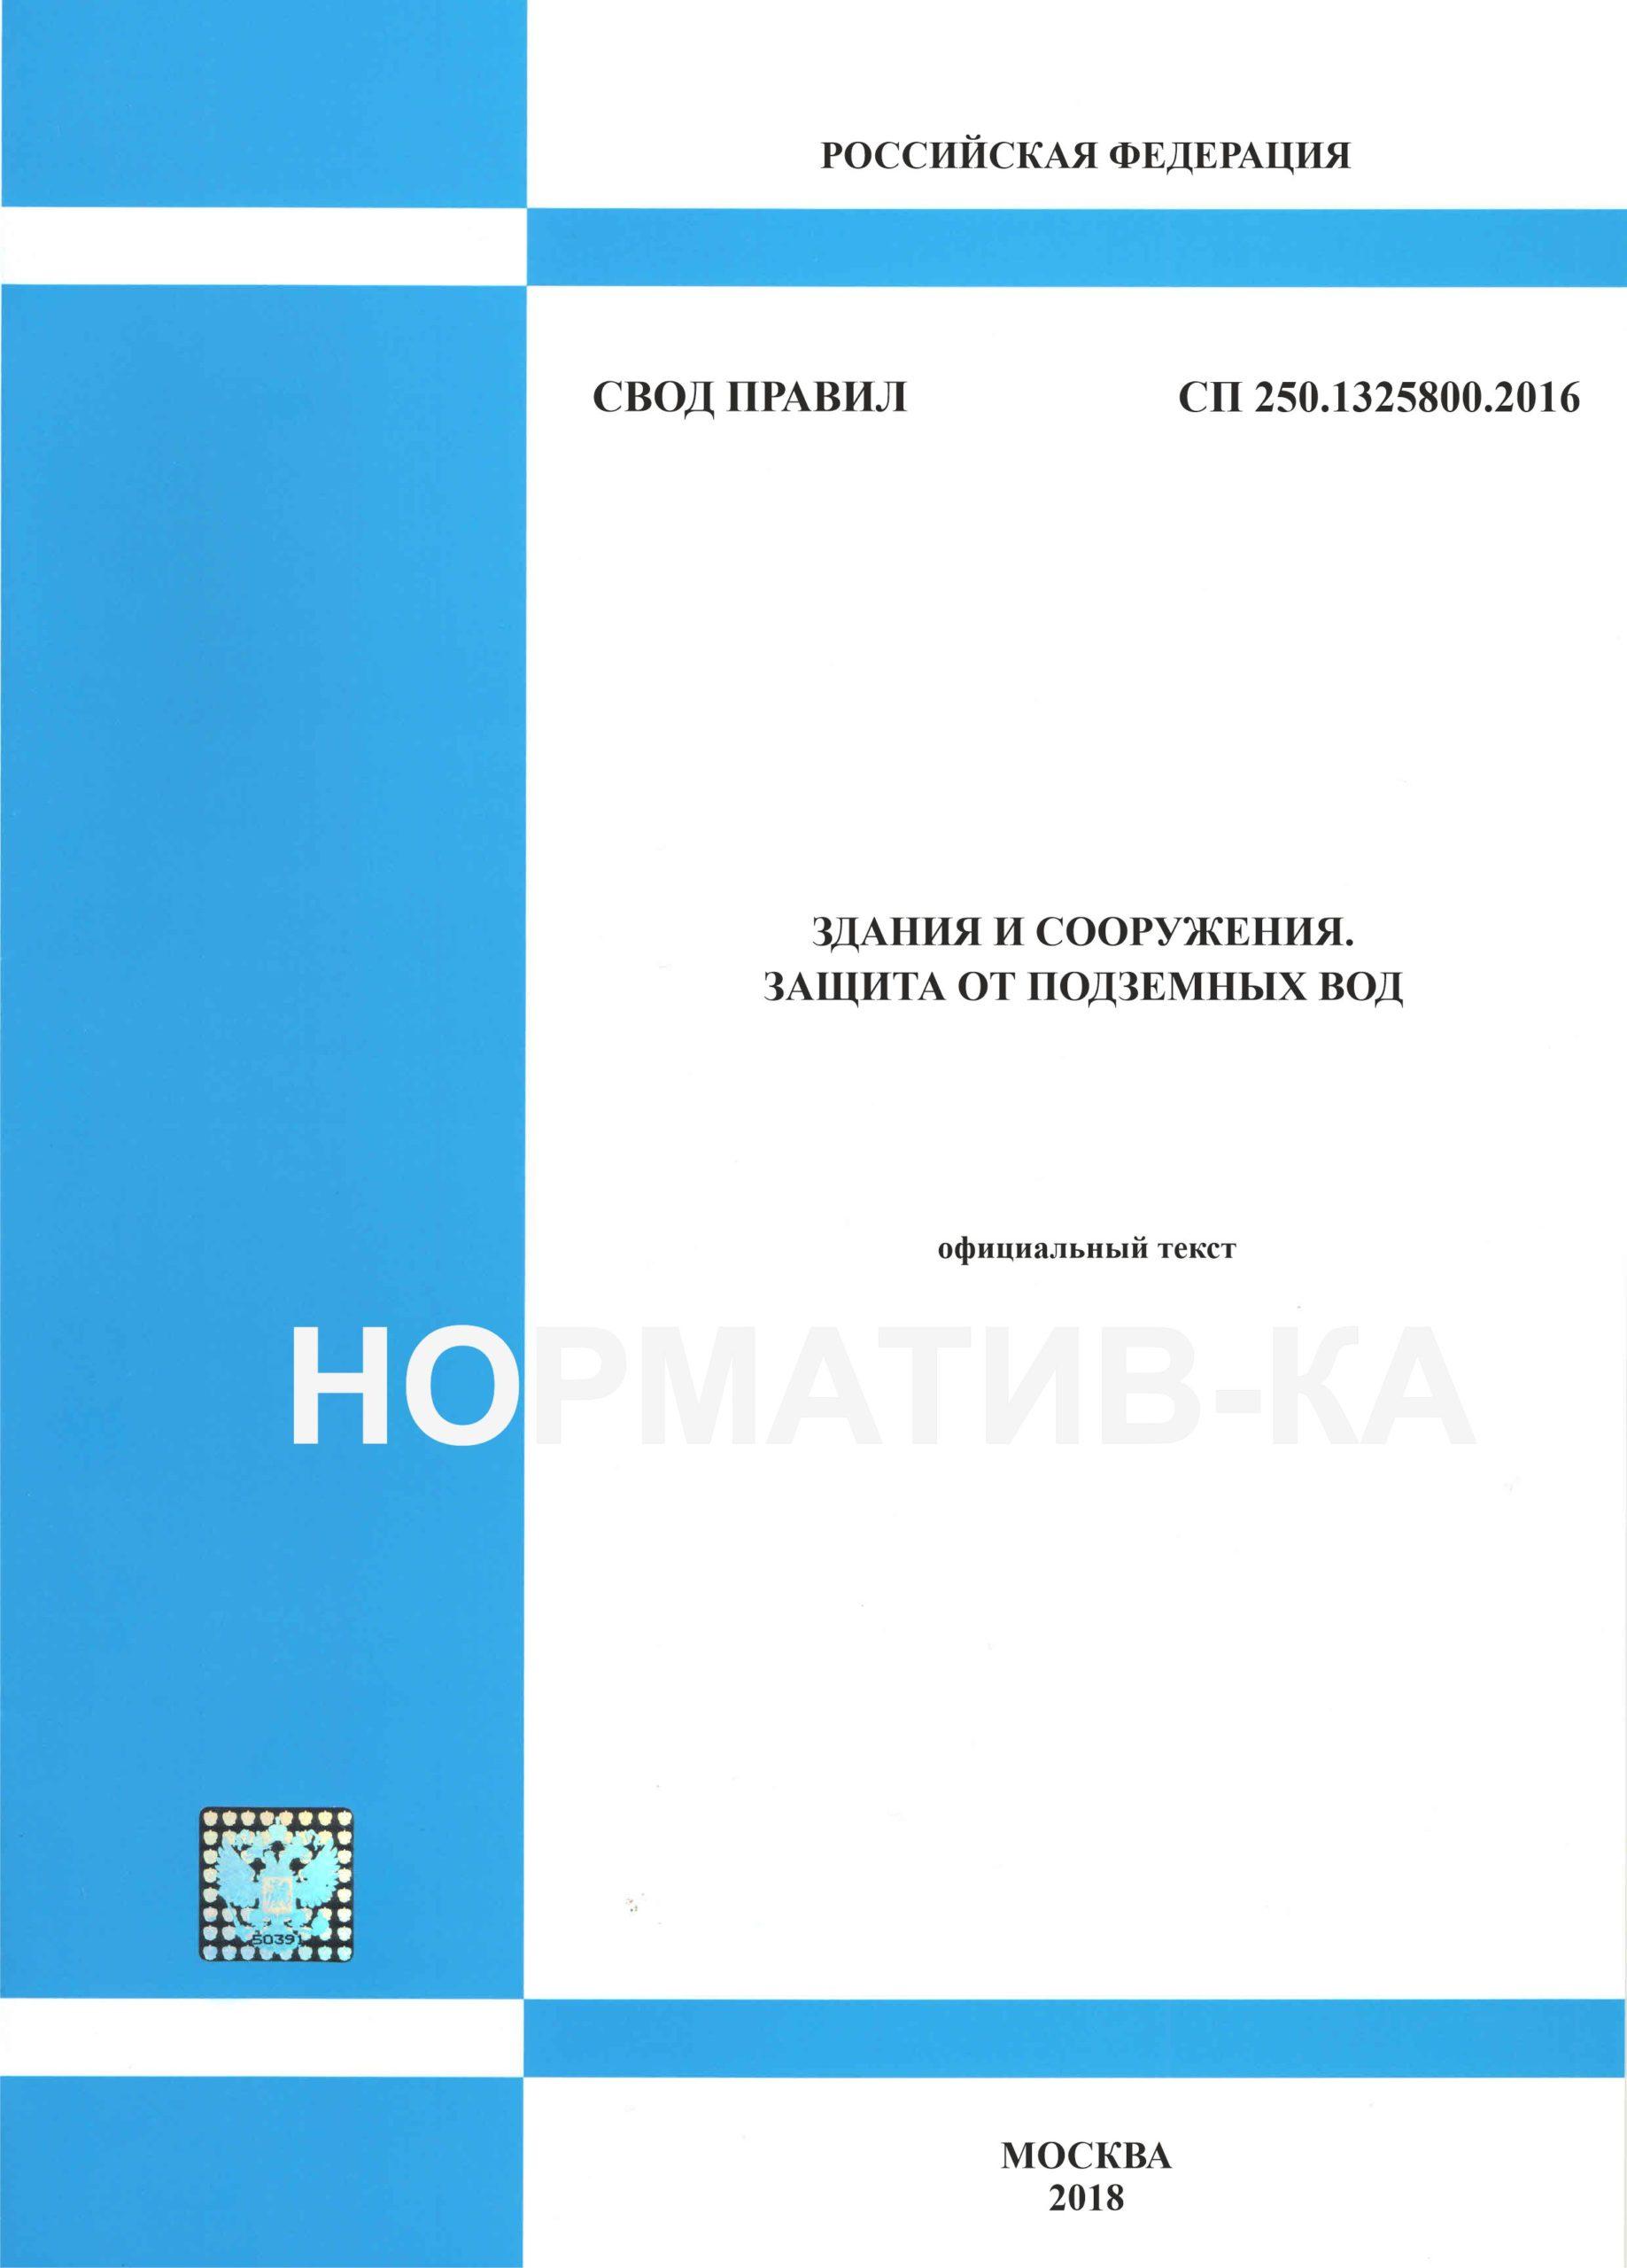 СП 250.1325800.2016